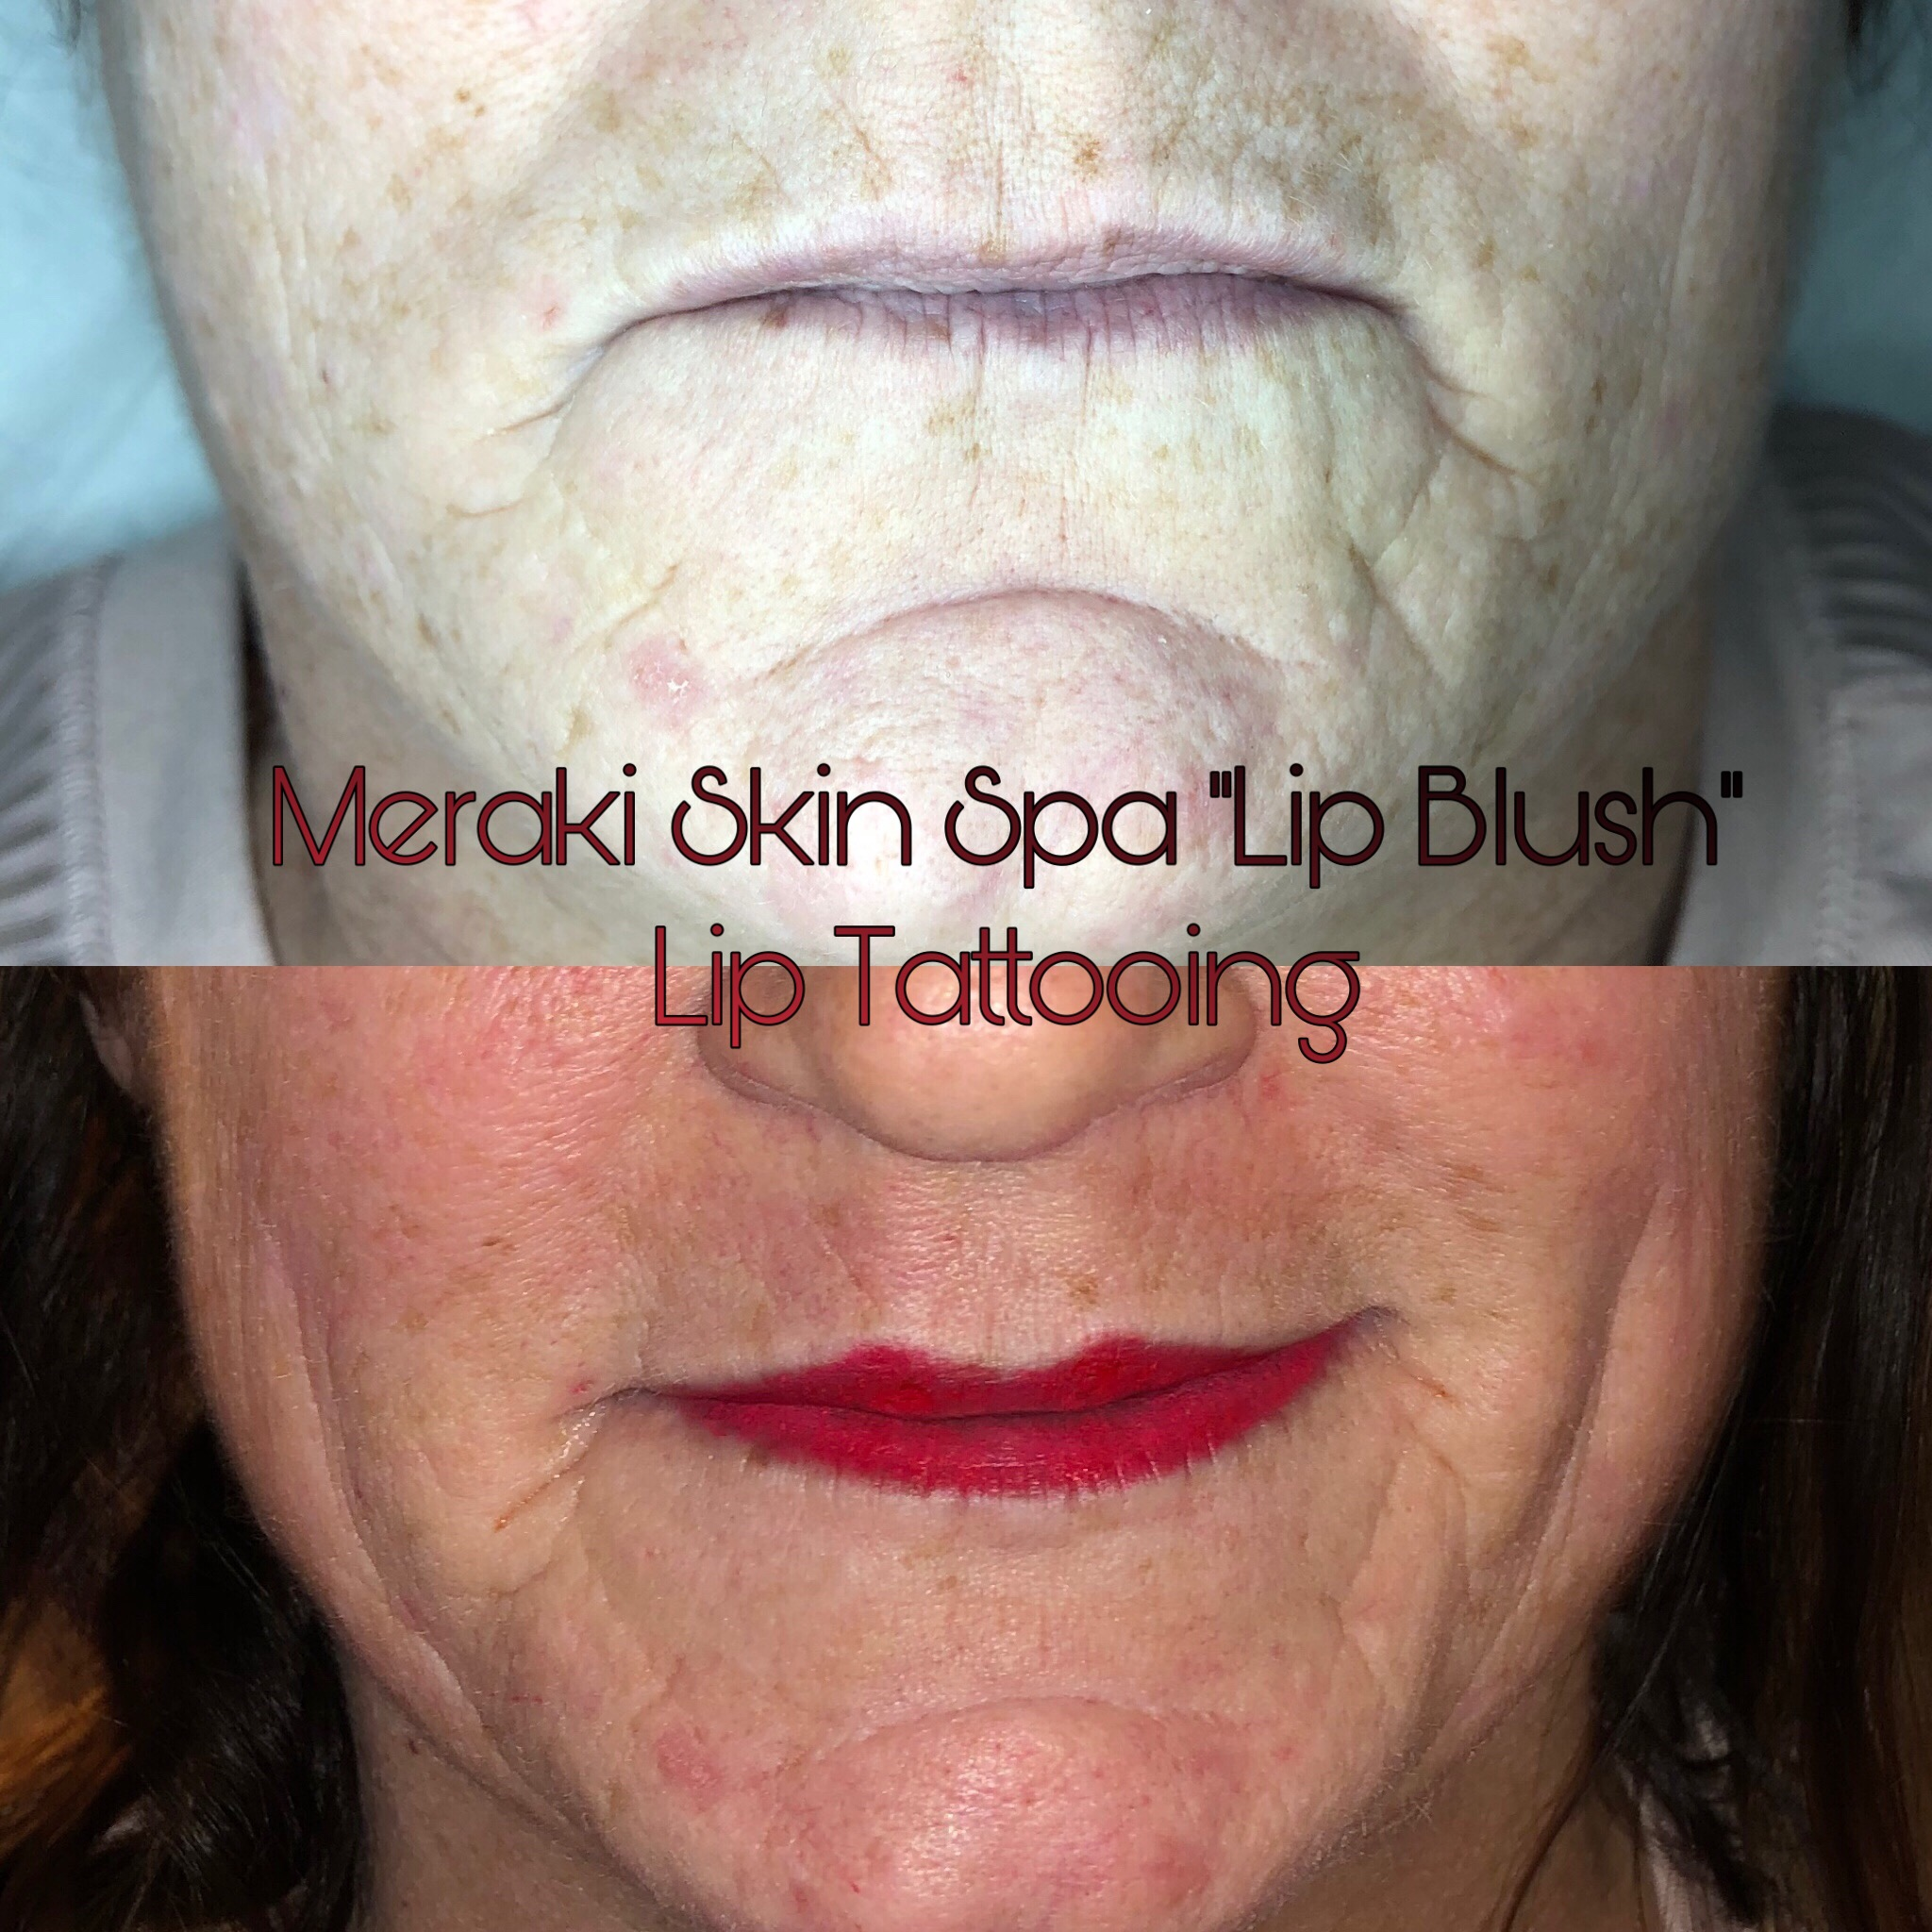 alt text tattooed lip lip blush permanent makeup meridian idaho.